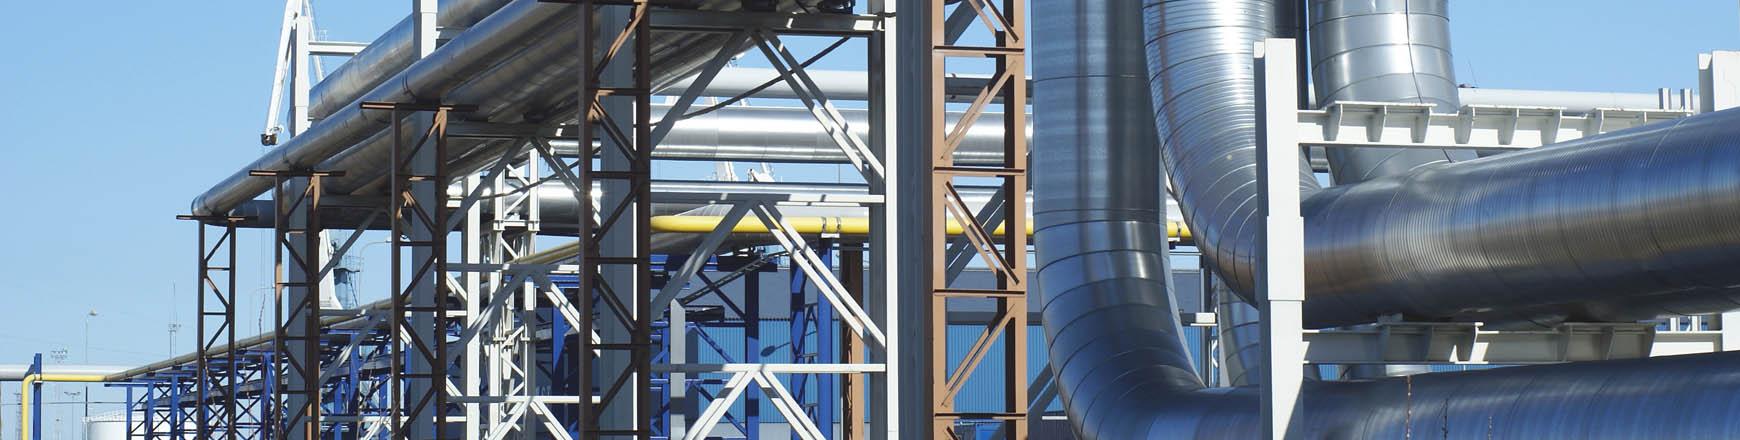 Armaturen industrie  VAG Armaturen für den Einsatz in Industriebetrieben